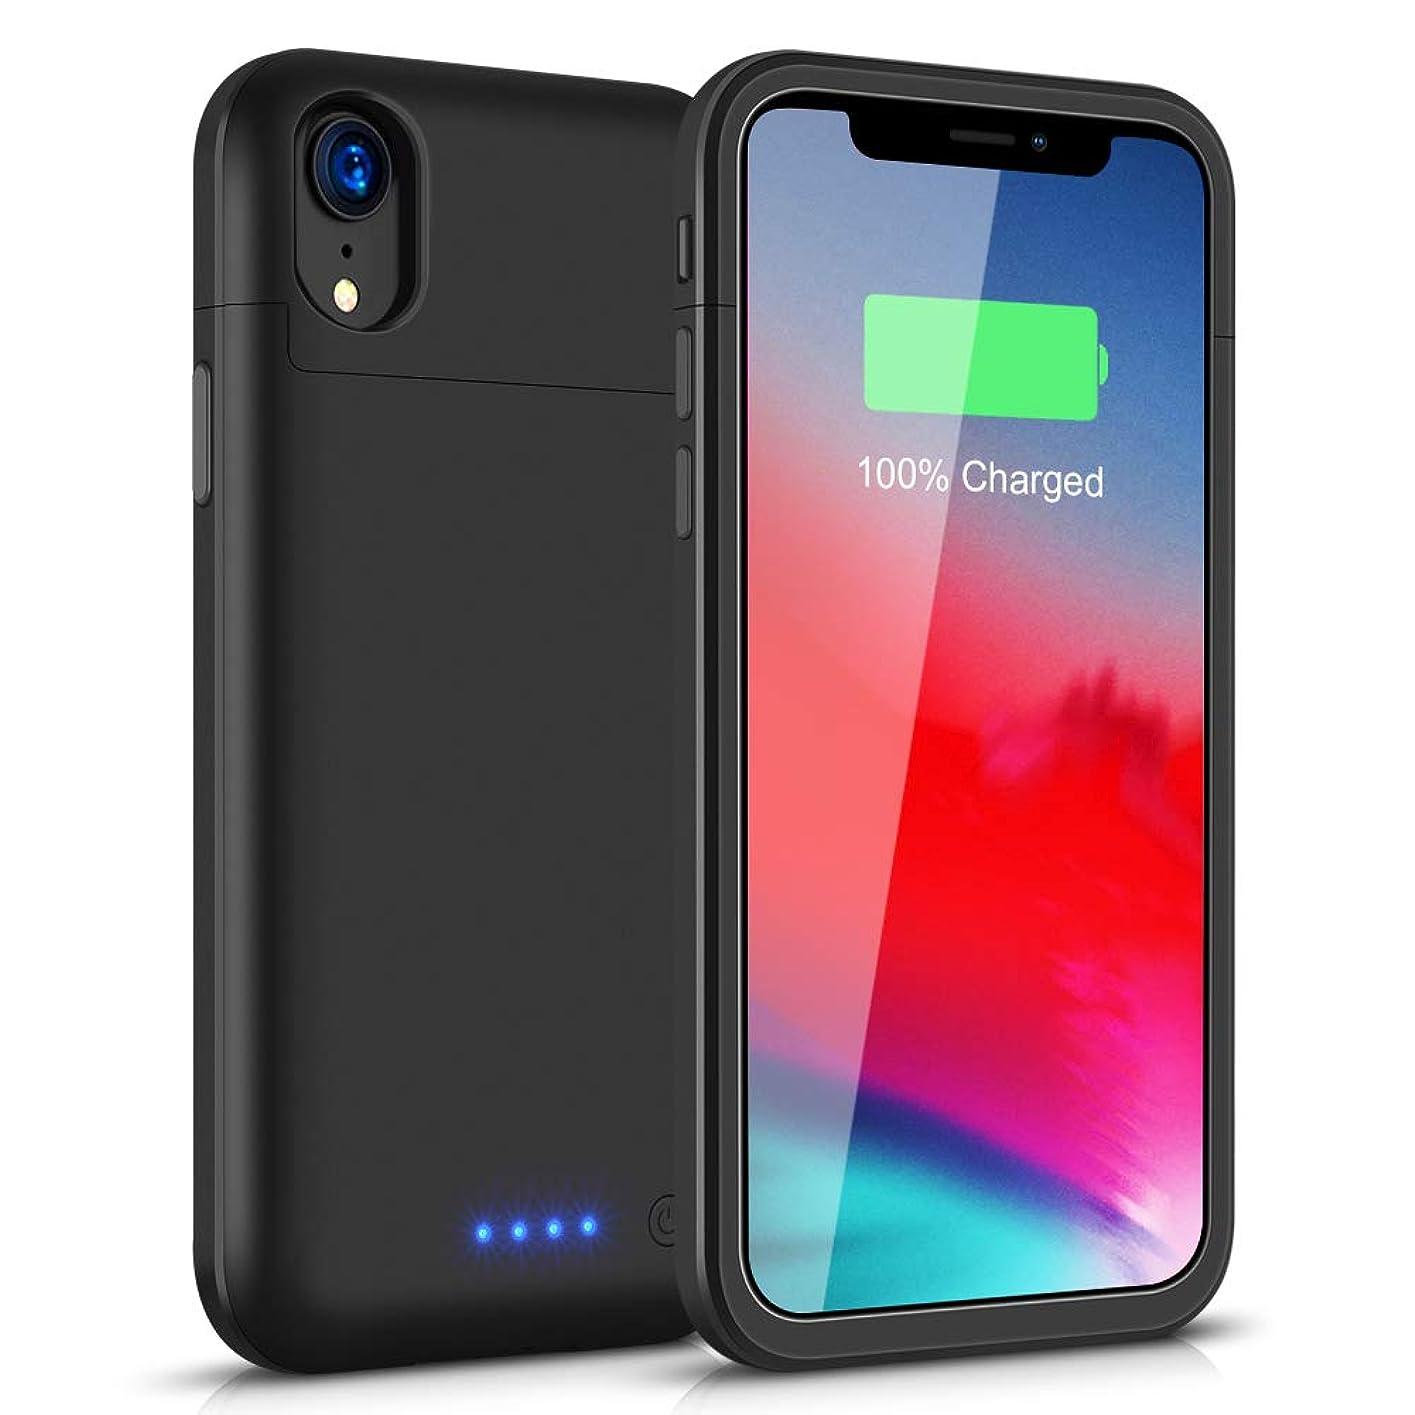 iPhone XR 対応 バッテリーケース LCLEBM 5500mAh バッテリー内蔵ケース 急速充電ケース ケース型バッテリー 大容 200%バッテリー容量追加 超軽量 薄型 (ブラック)